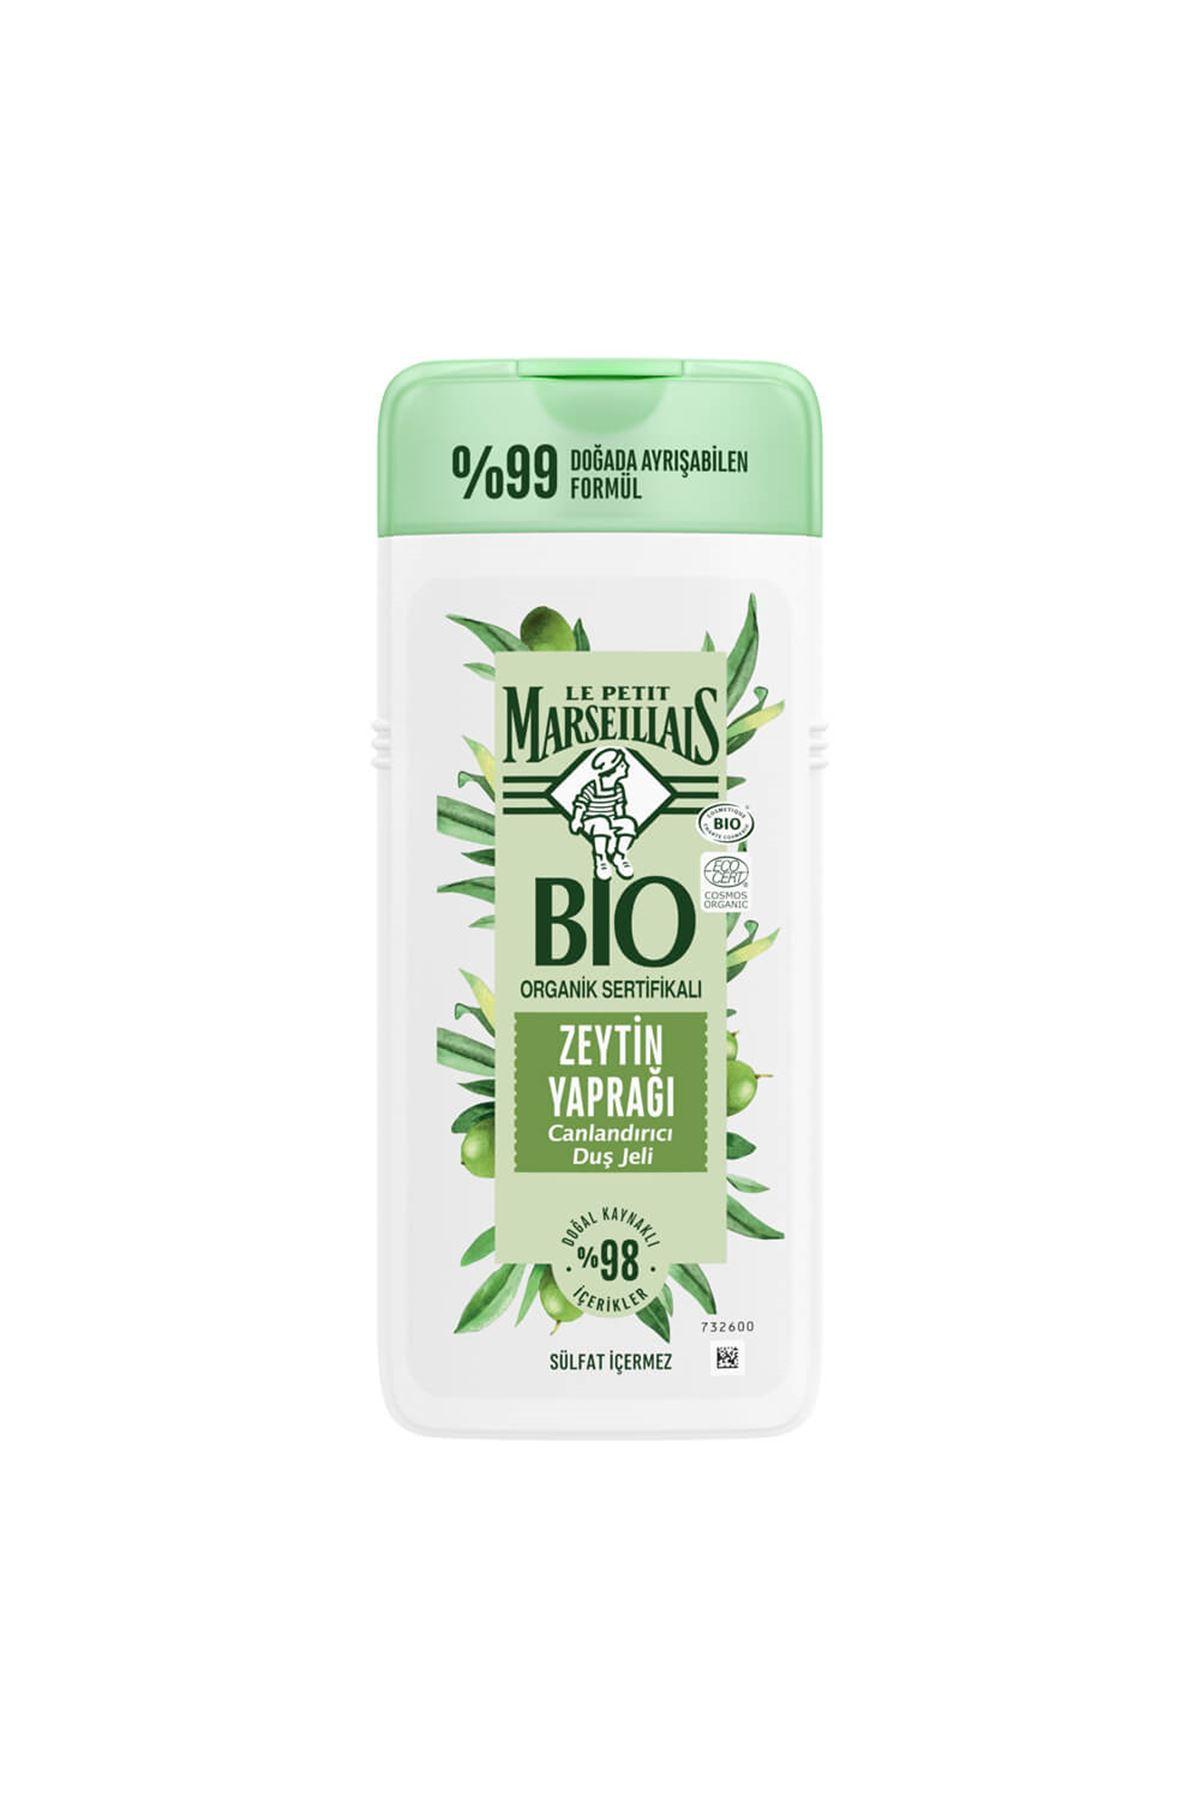 Le Petit Marseillais Bio Organic Sertifikalı Zeytin Yaprağı Canlandırıcı Duş Jeli 400ml